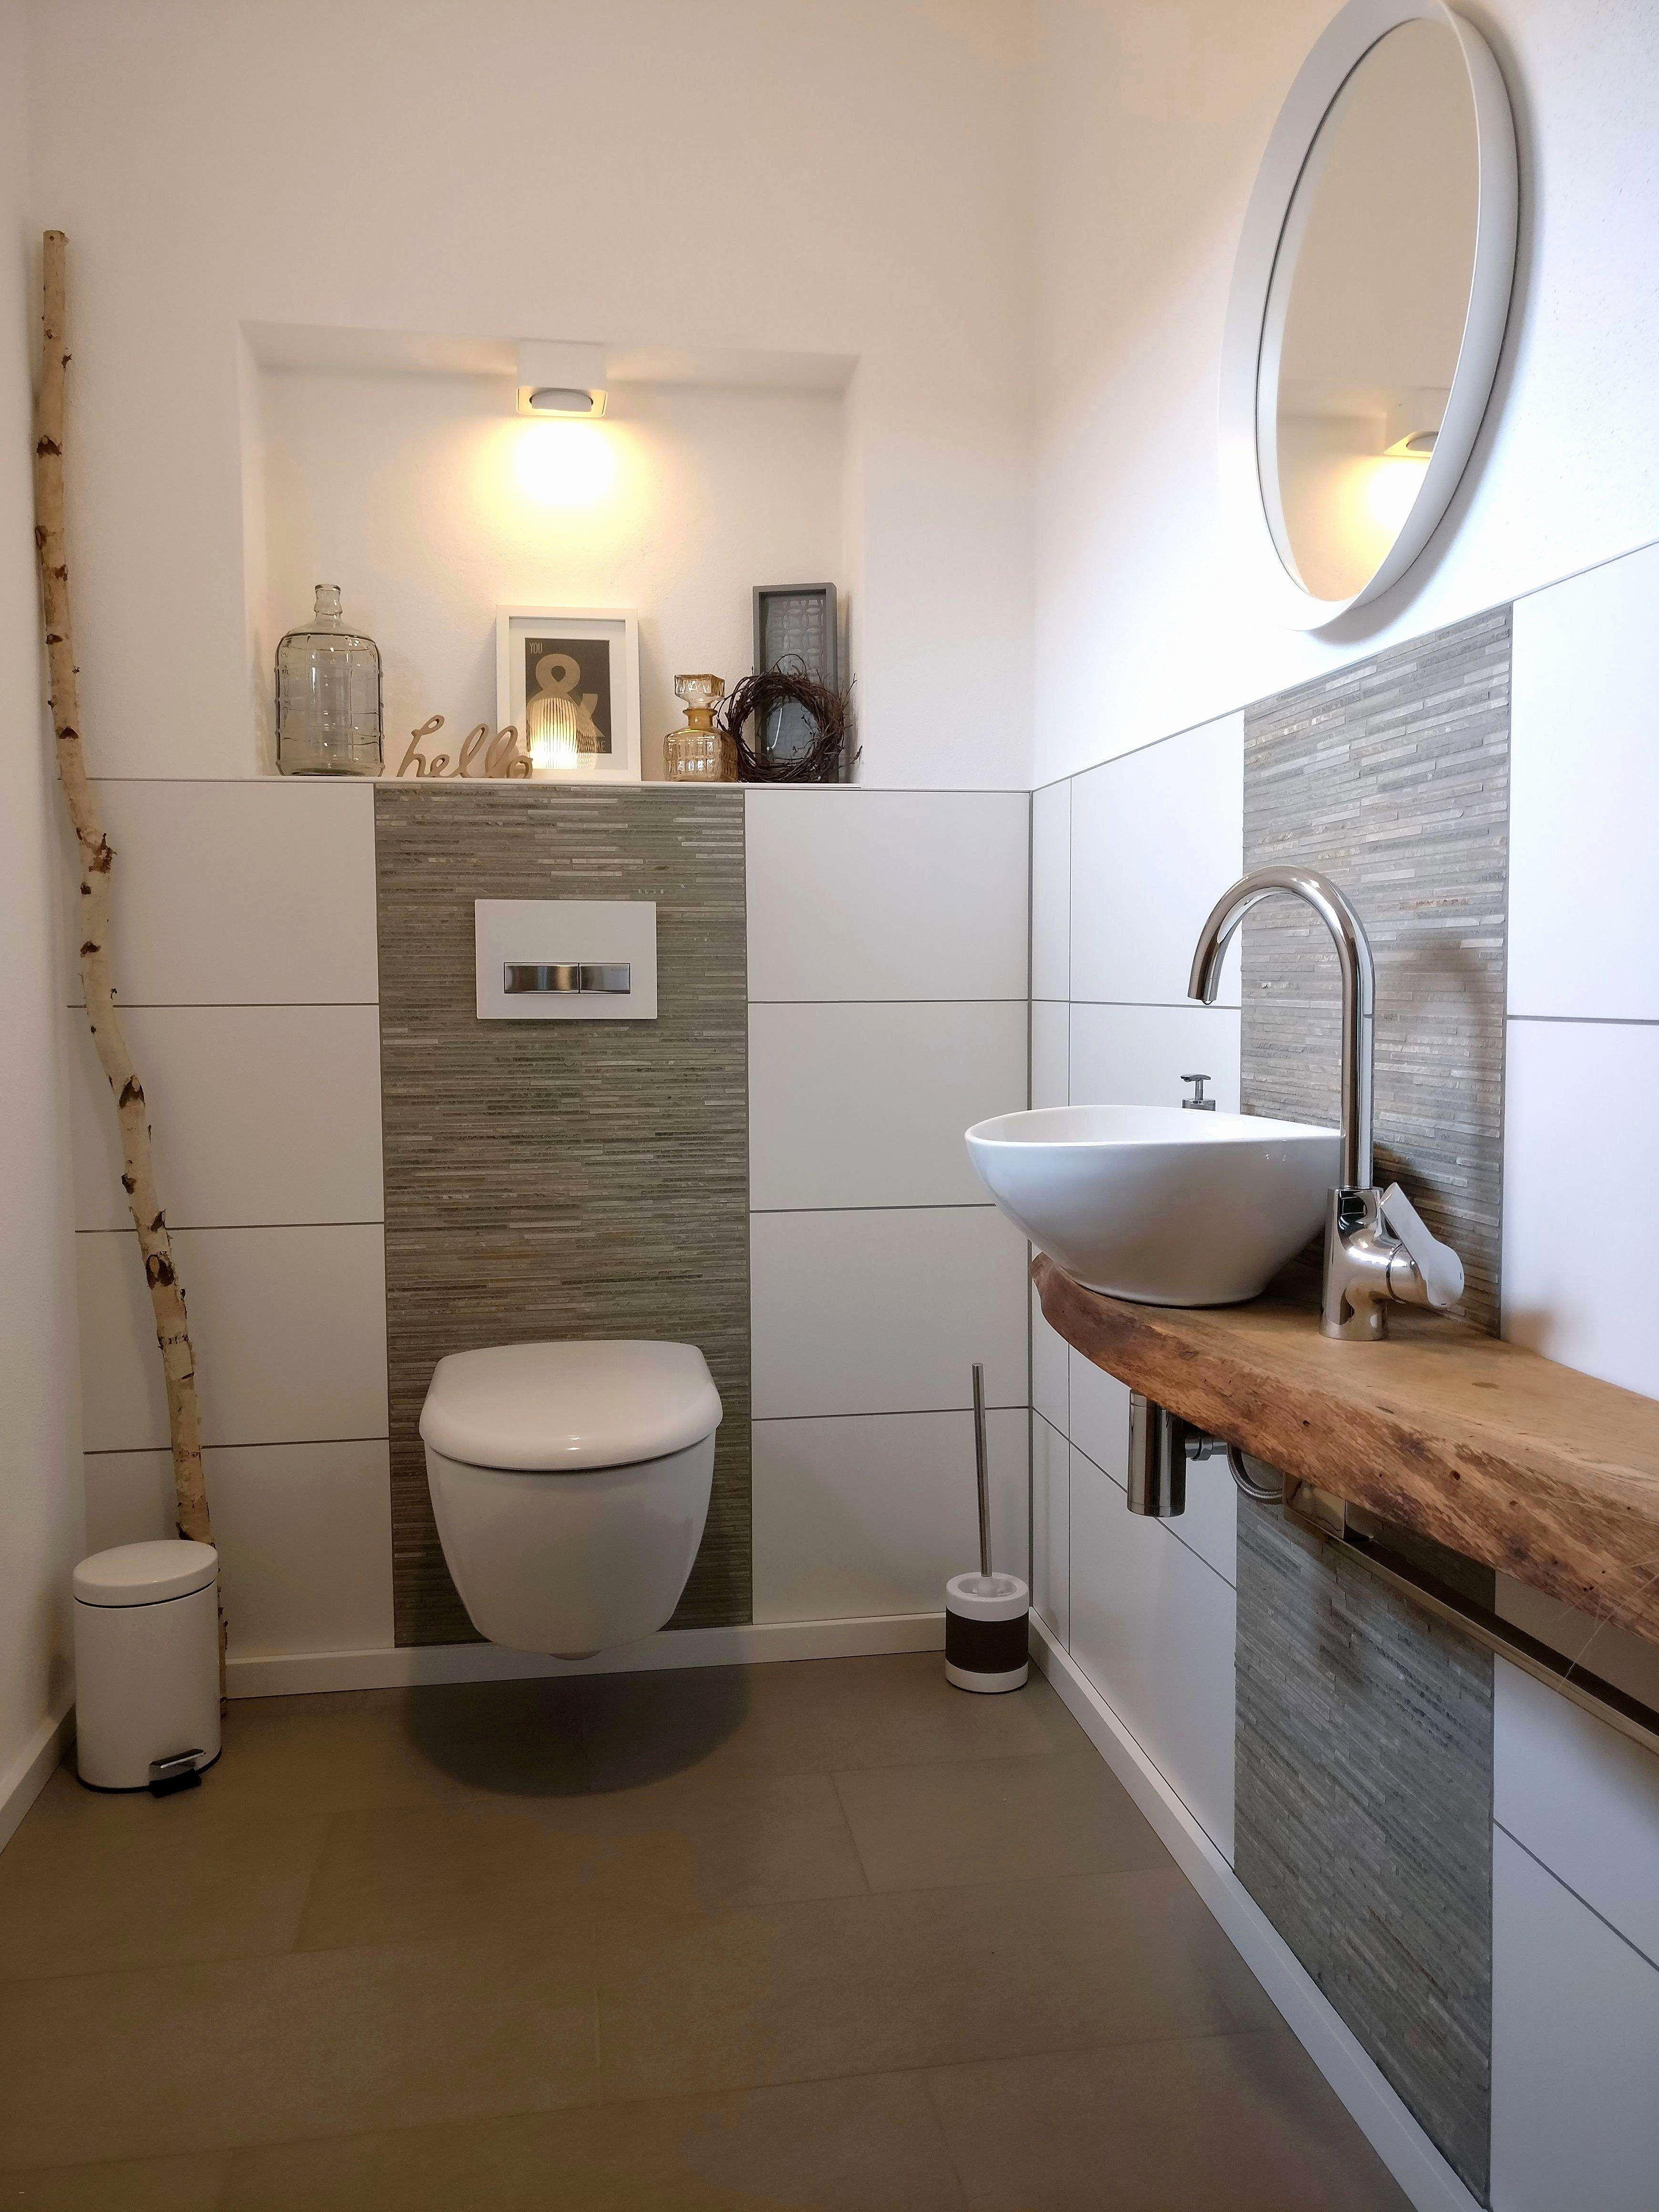 8 Badezimmer Dusche Ideen Genial Sichtschutz Dusche Grafik Eintagamsee Badezimmer Fliesen Ideen Bilder Kleine Gaste Wc Kleines Bad Fliesen